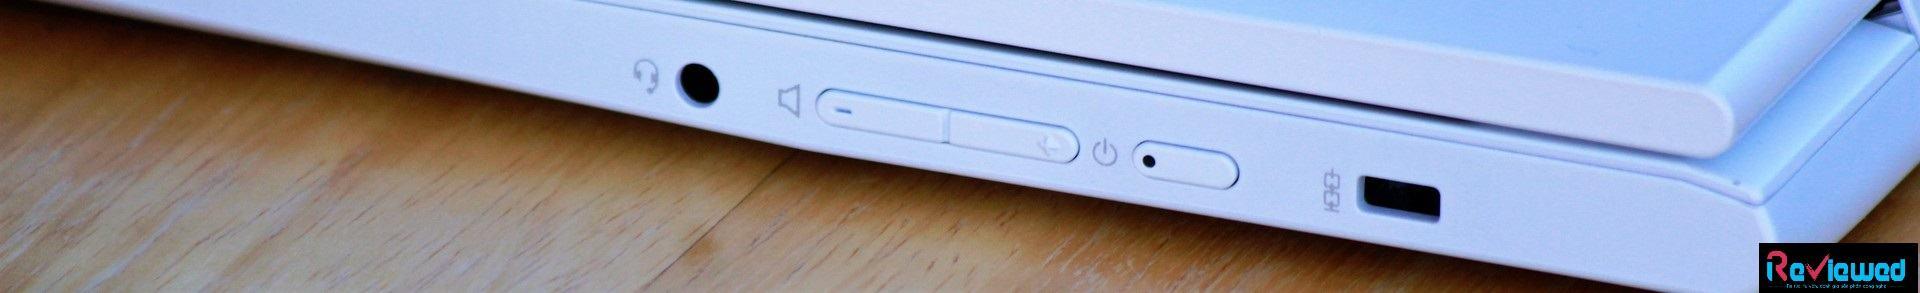 đánh giá Lenovo Chromebook C330